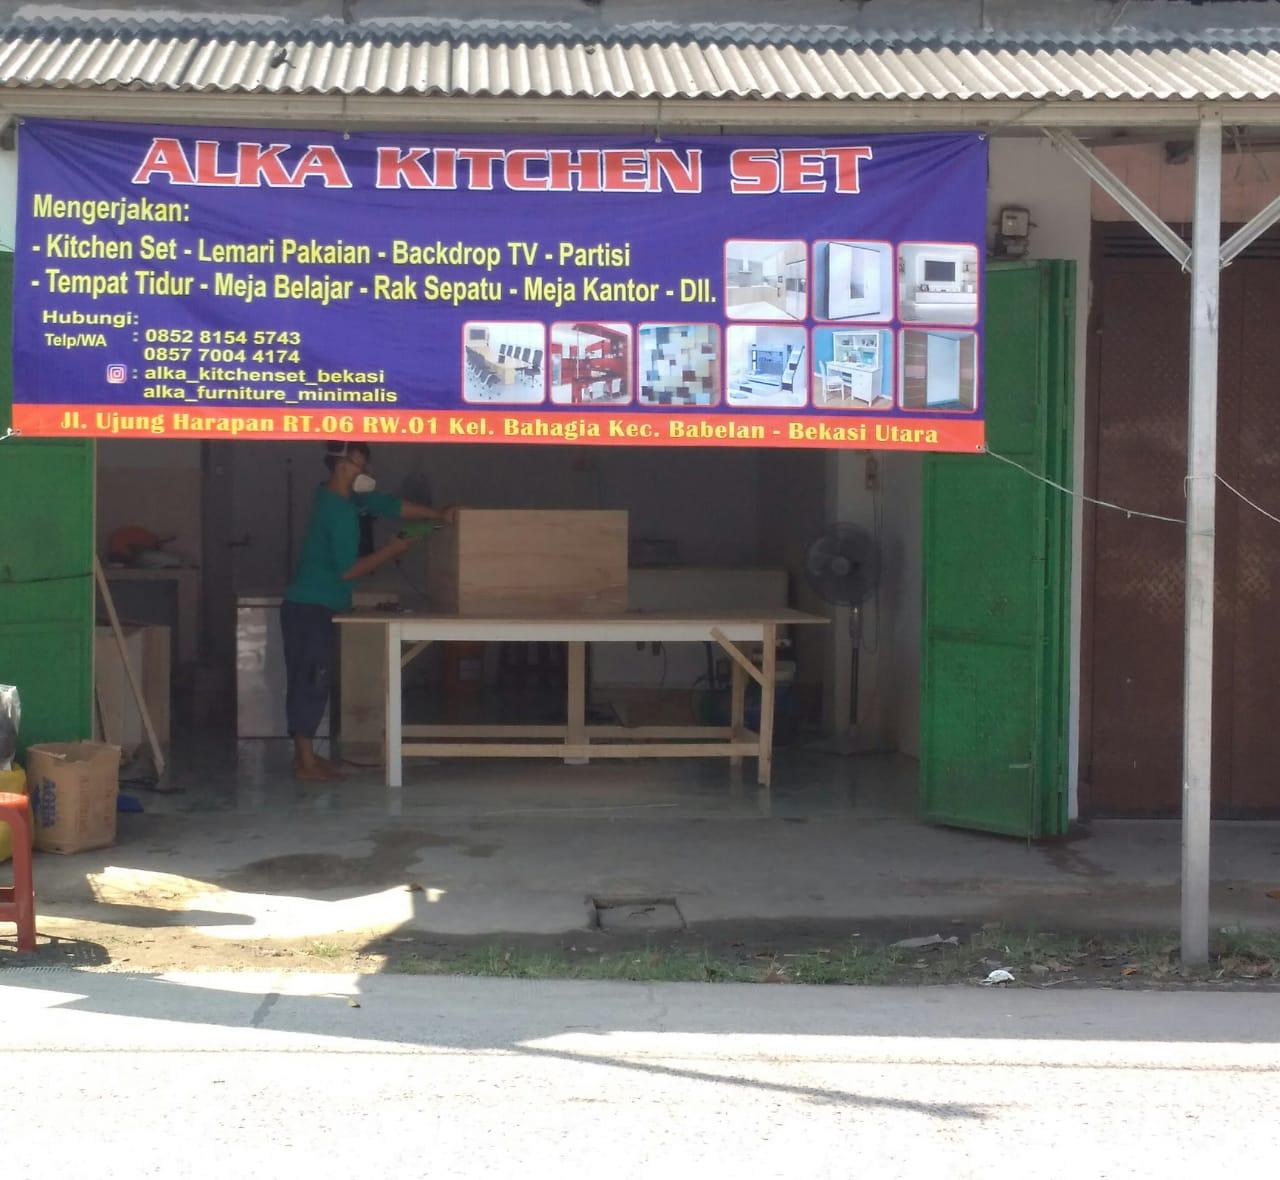 alka kitchen set bekasi - Kitchen Set Minimalis Terbaru 2020